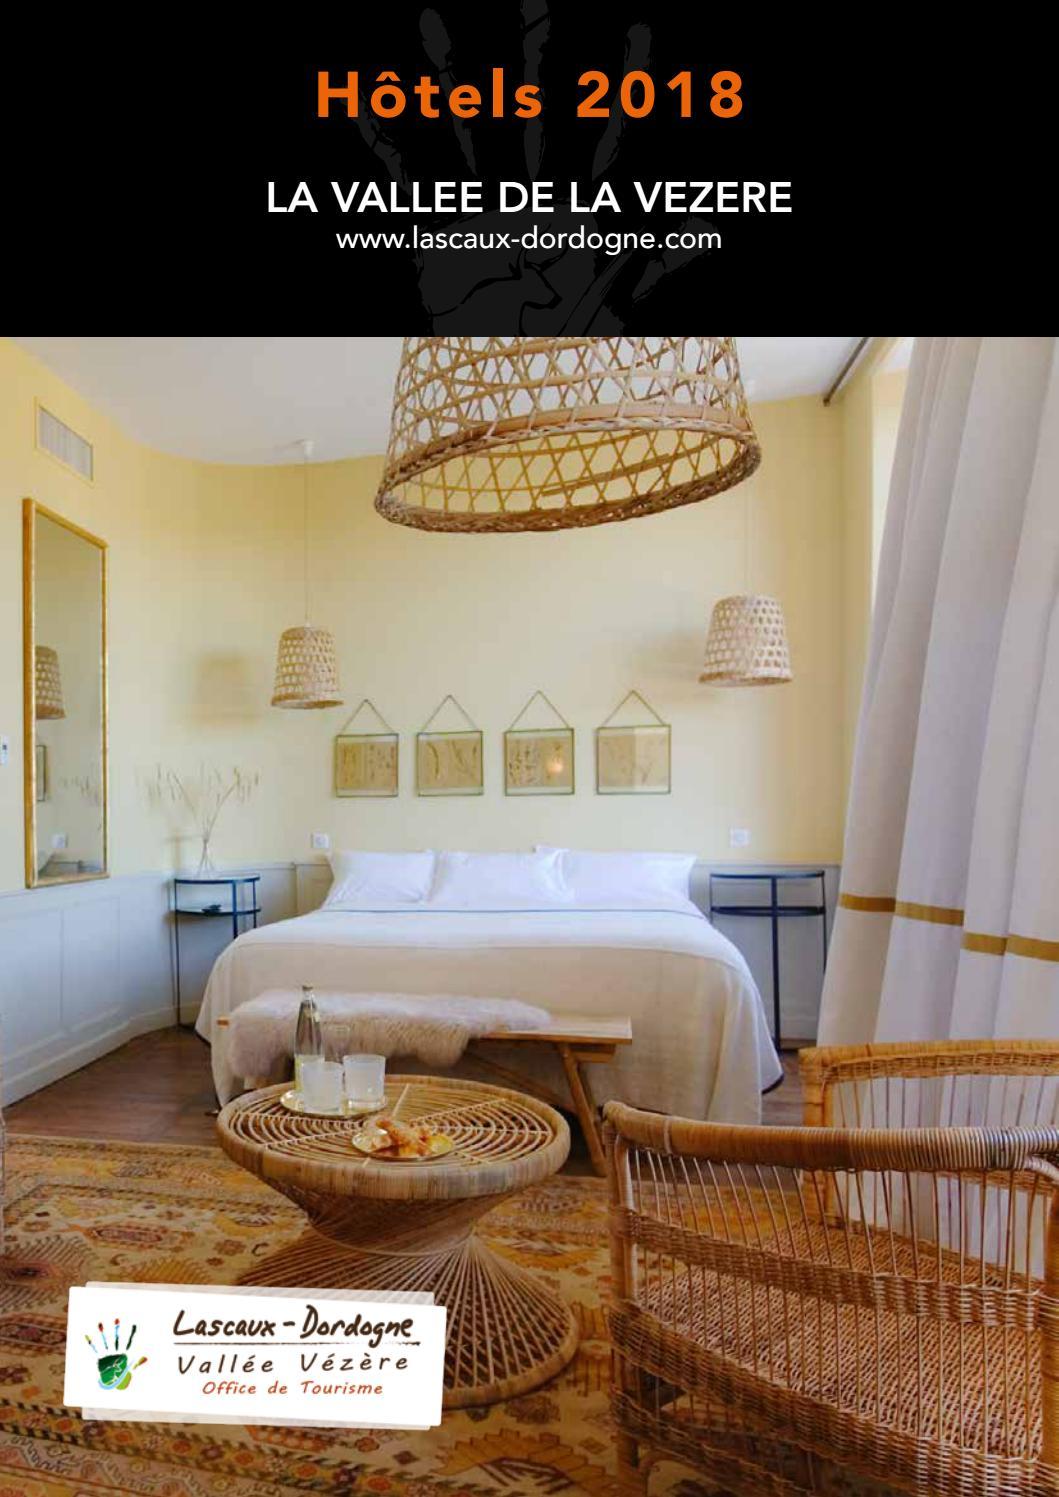 Demeure D Antan Périgueux hotels bd 07fev18ot lascaux vallée vézère - issuu